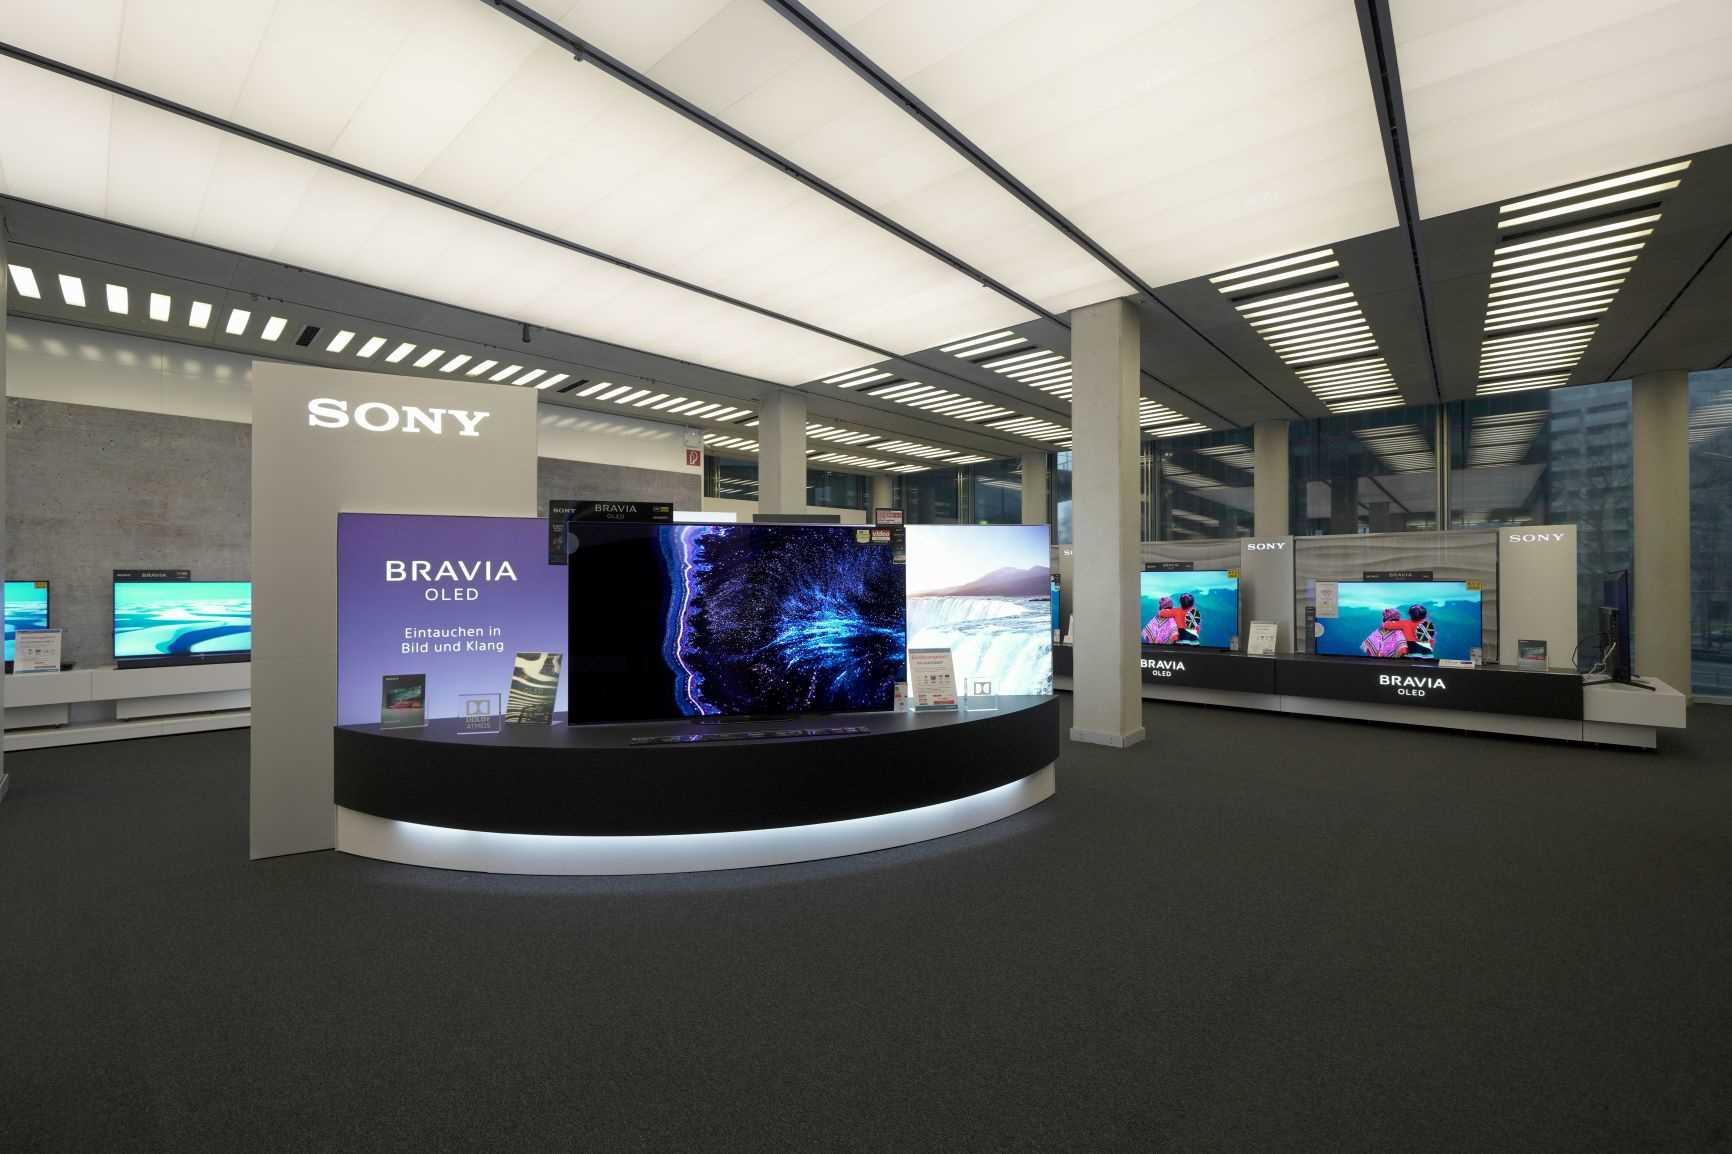 Entertainment Angebot im Sony Store im Sony Center am Potsdamer Platz